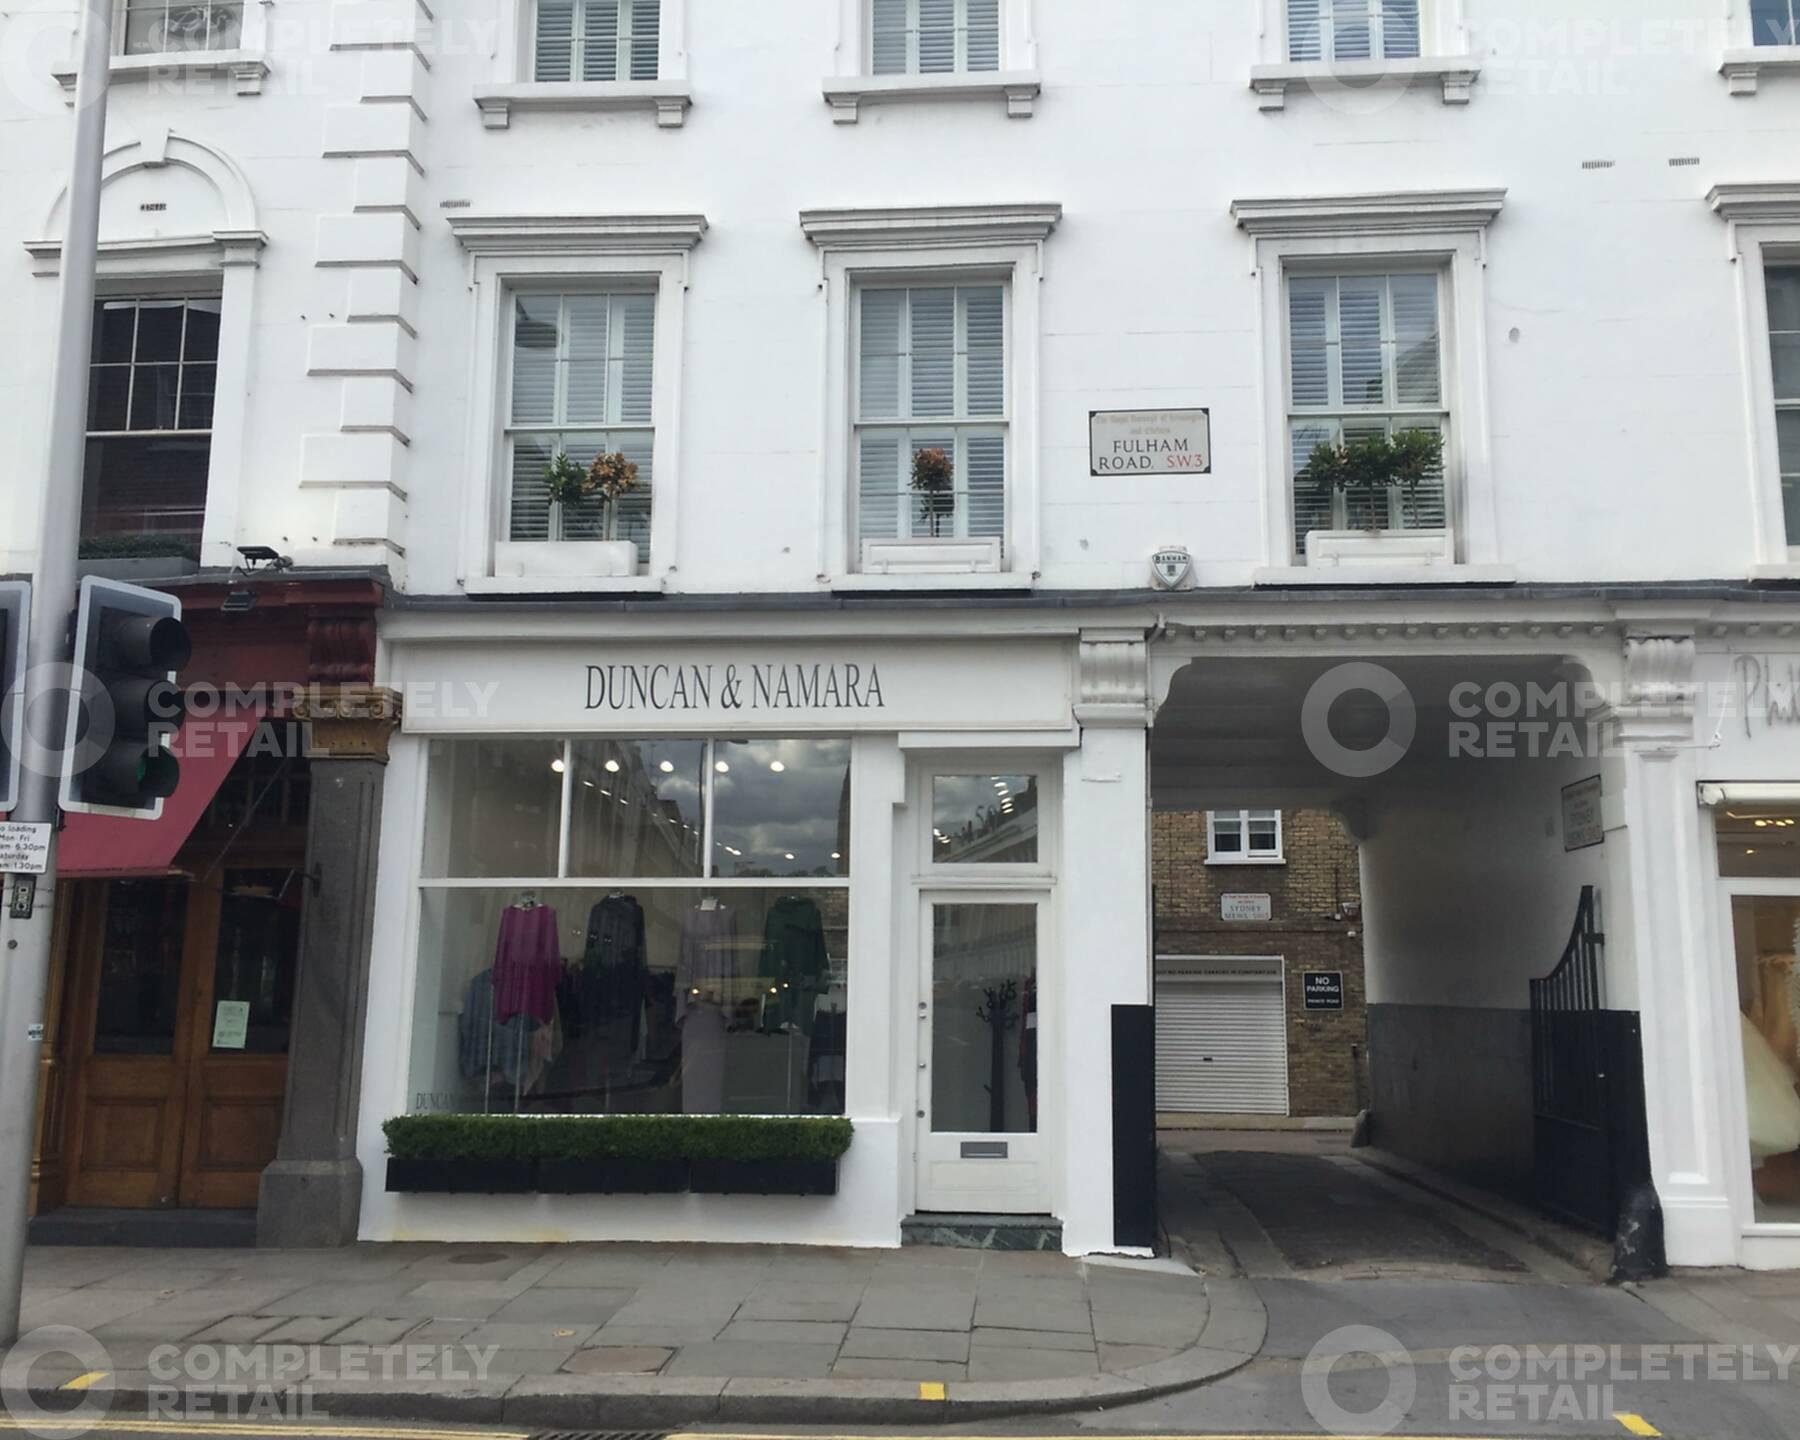 50 Fulham Road